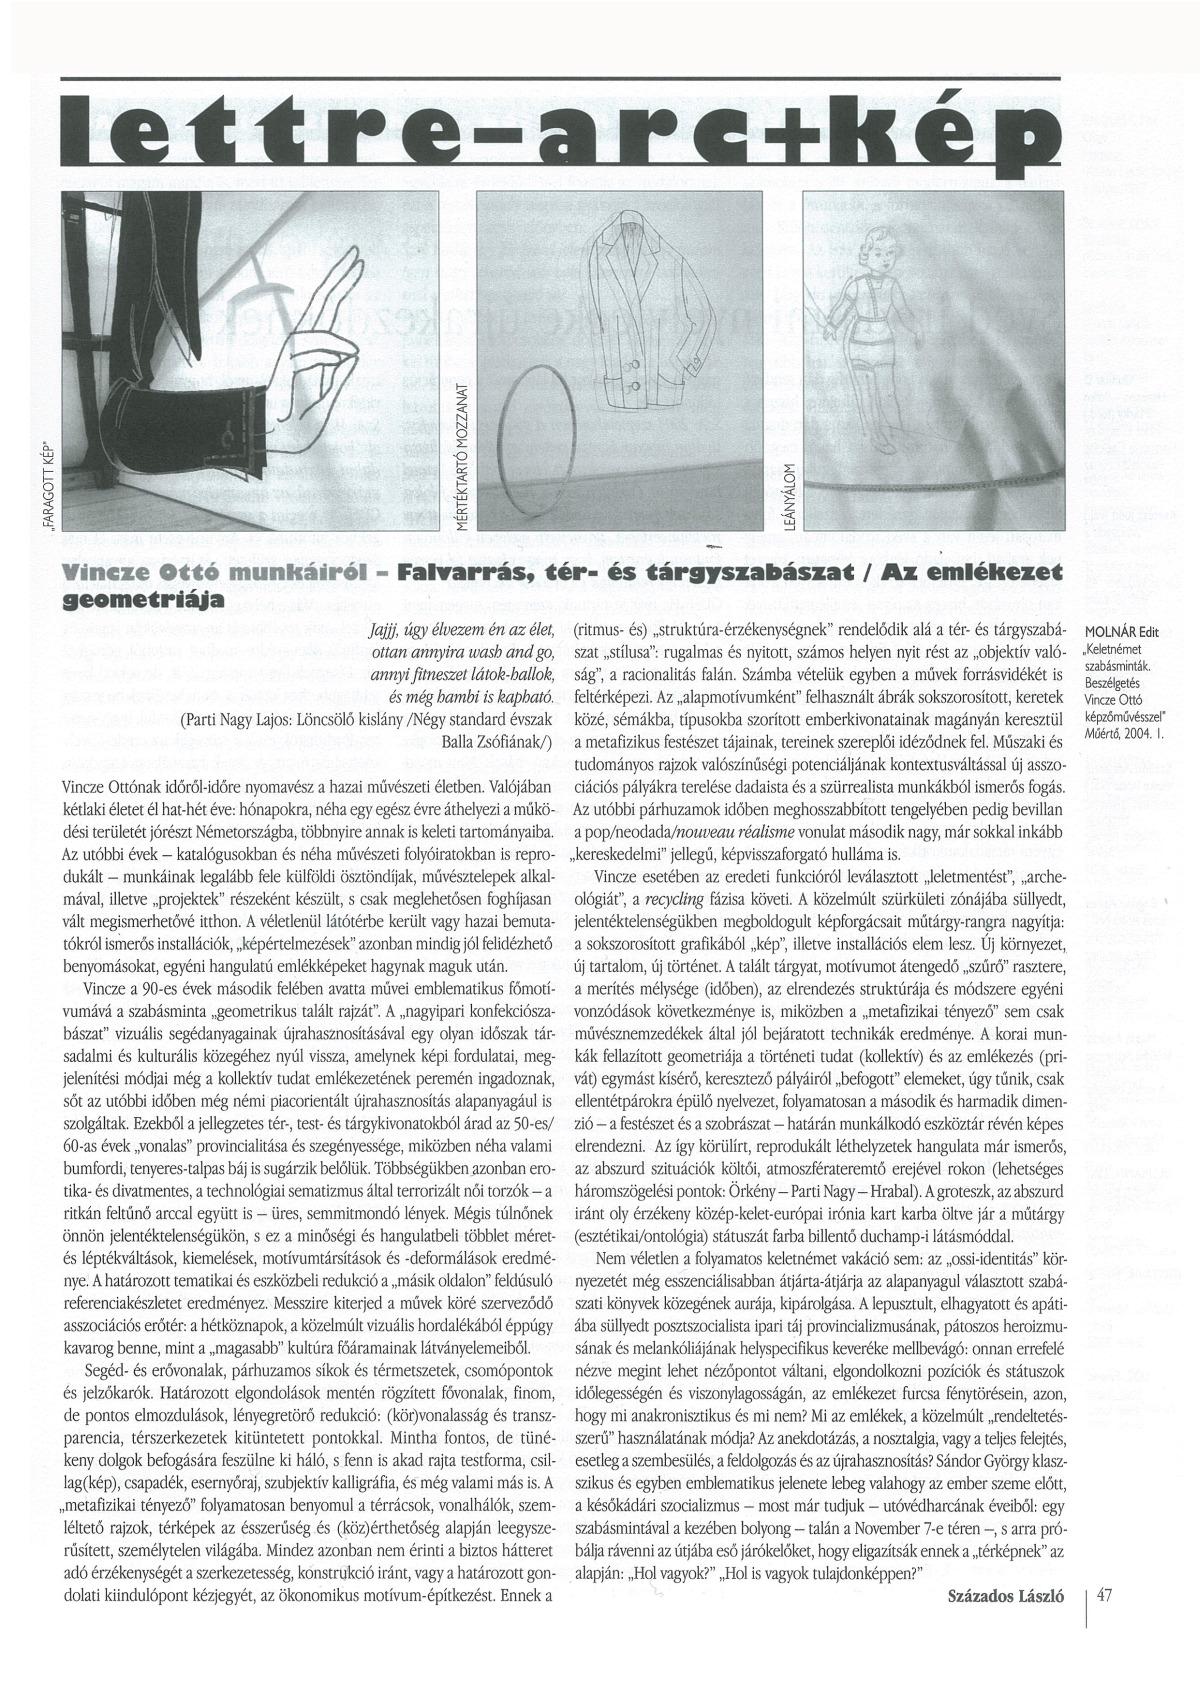 Százados László: Falvarrás, tér-és tárgyszabászat / Az emlékezés geometriája, Lettre Internationale